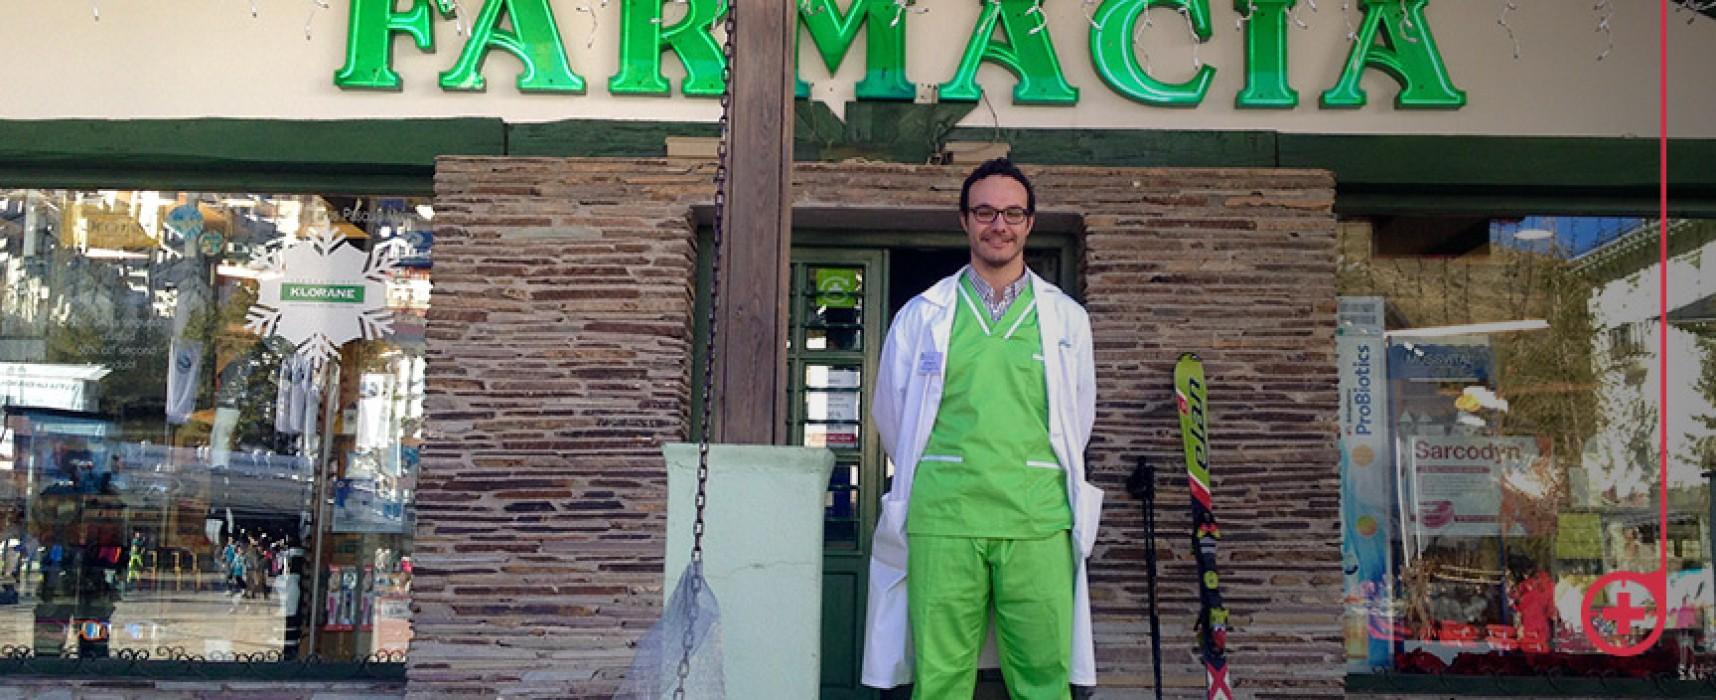 Una farmacia de altura